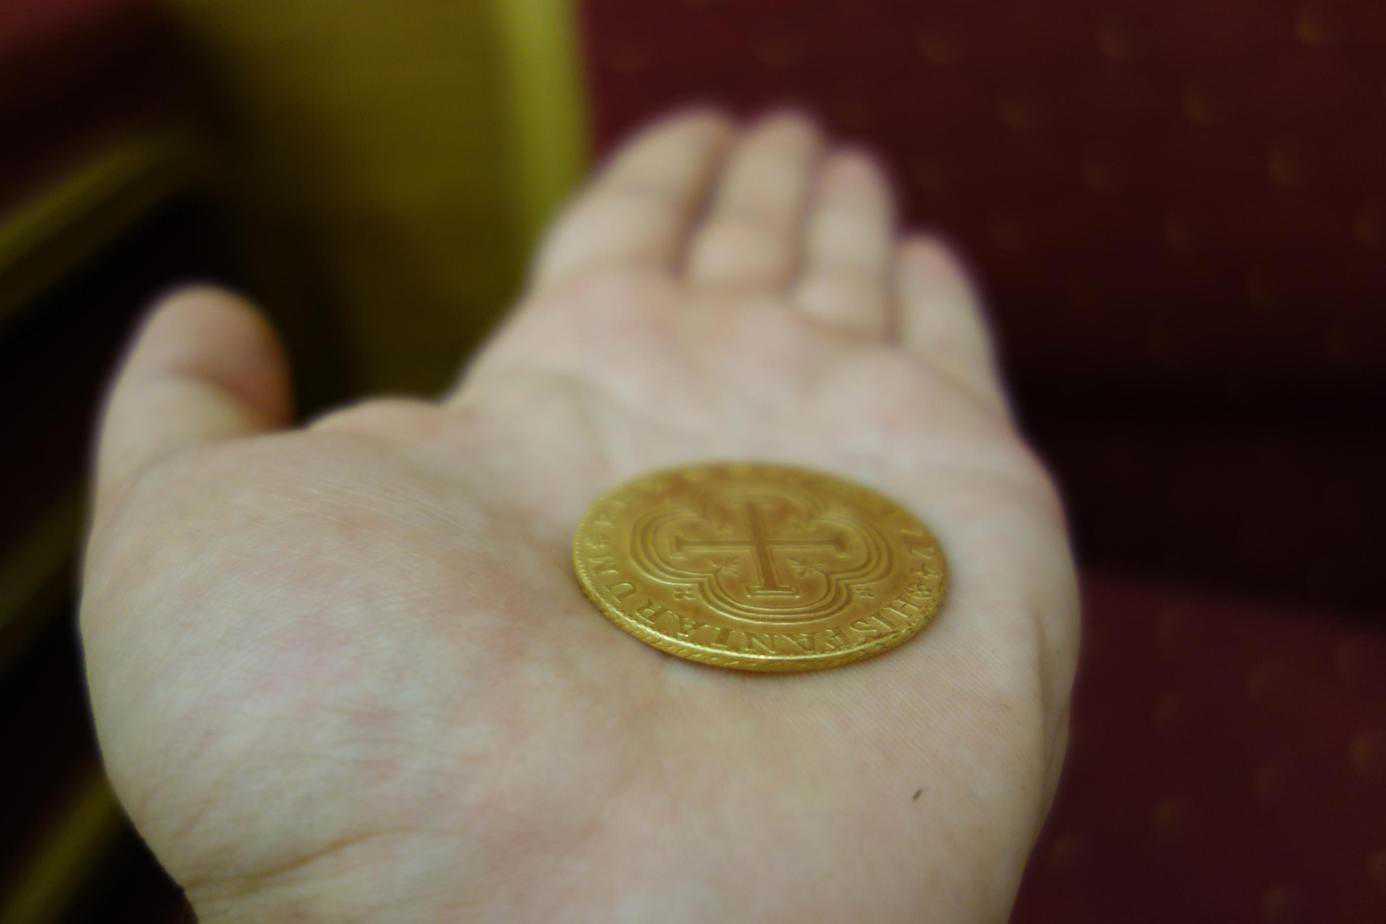 canto moneda falsa